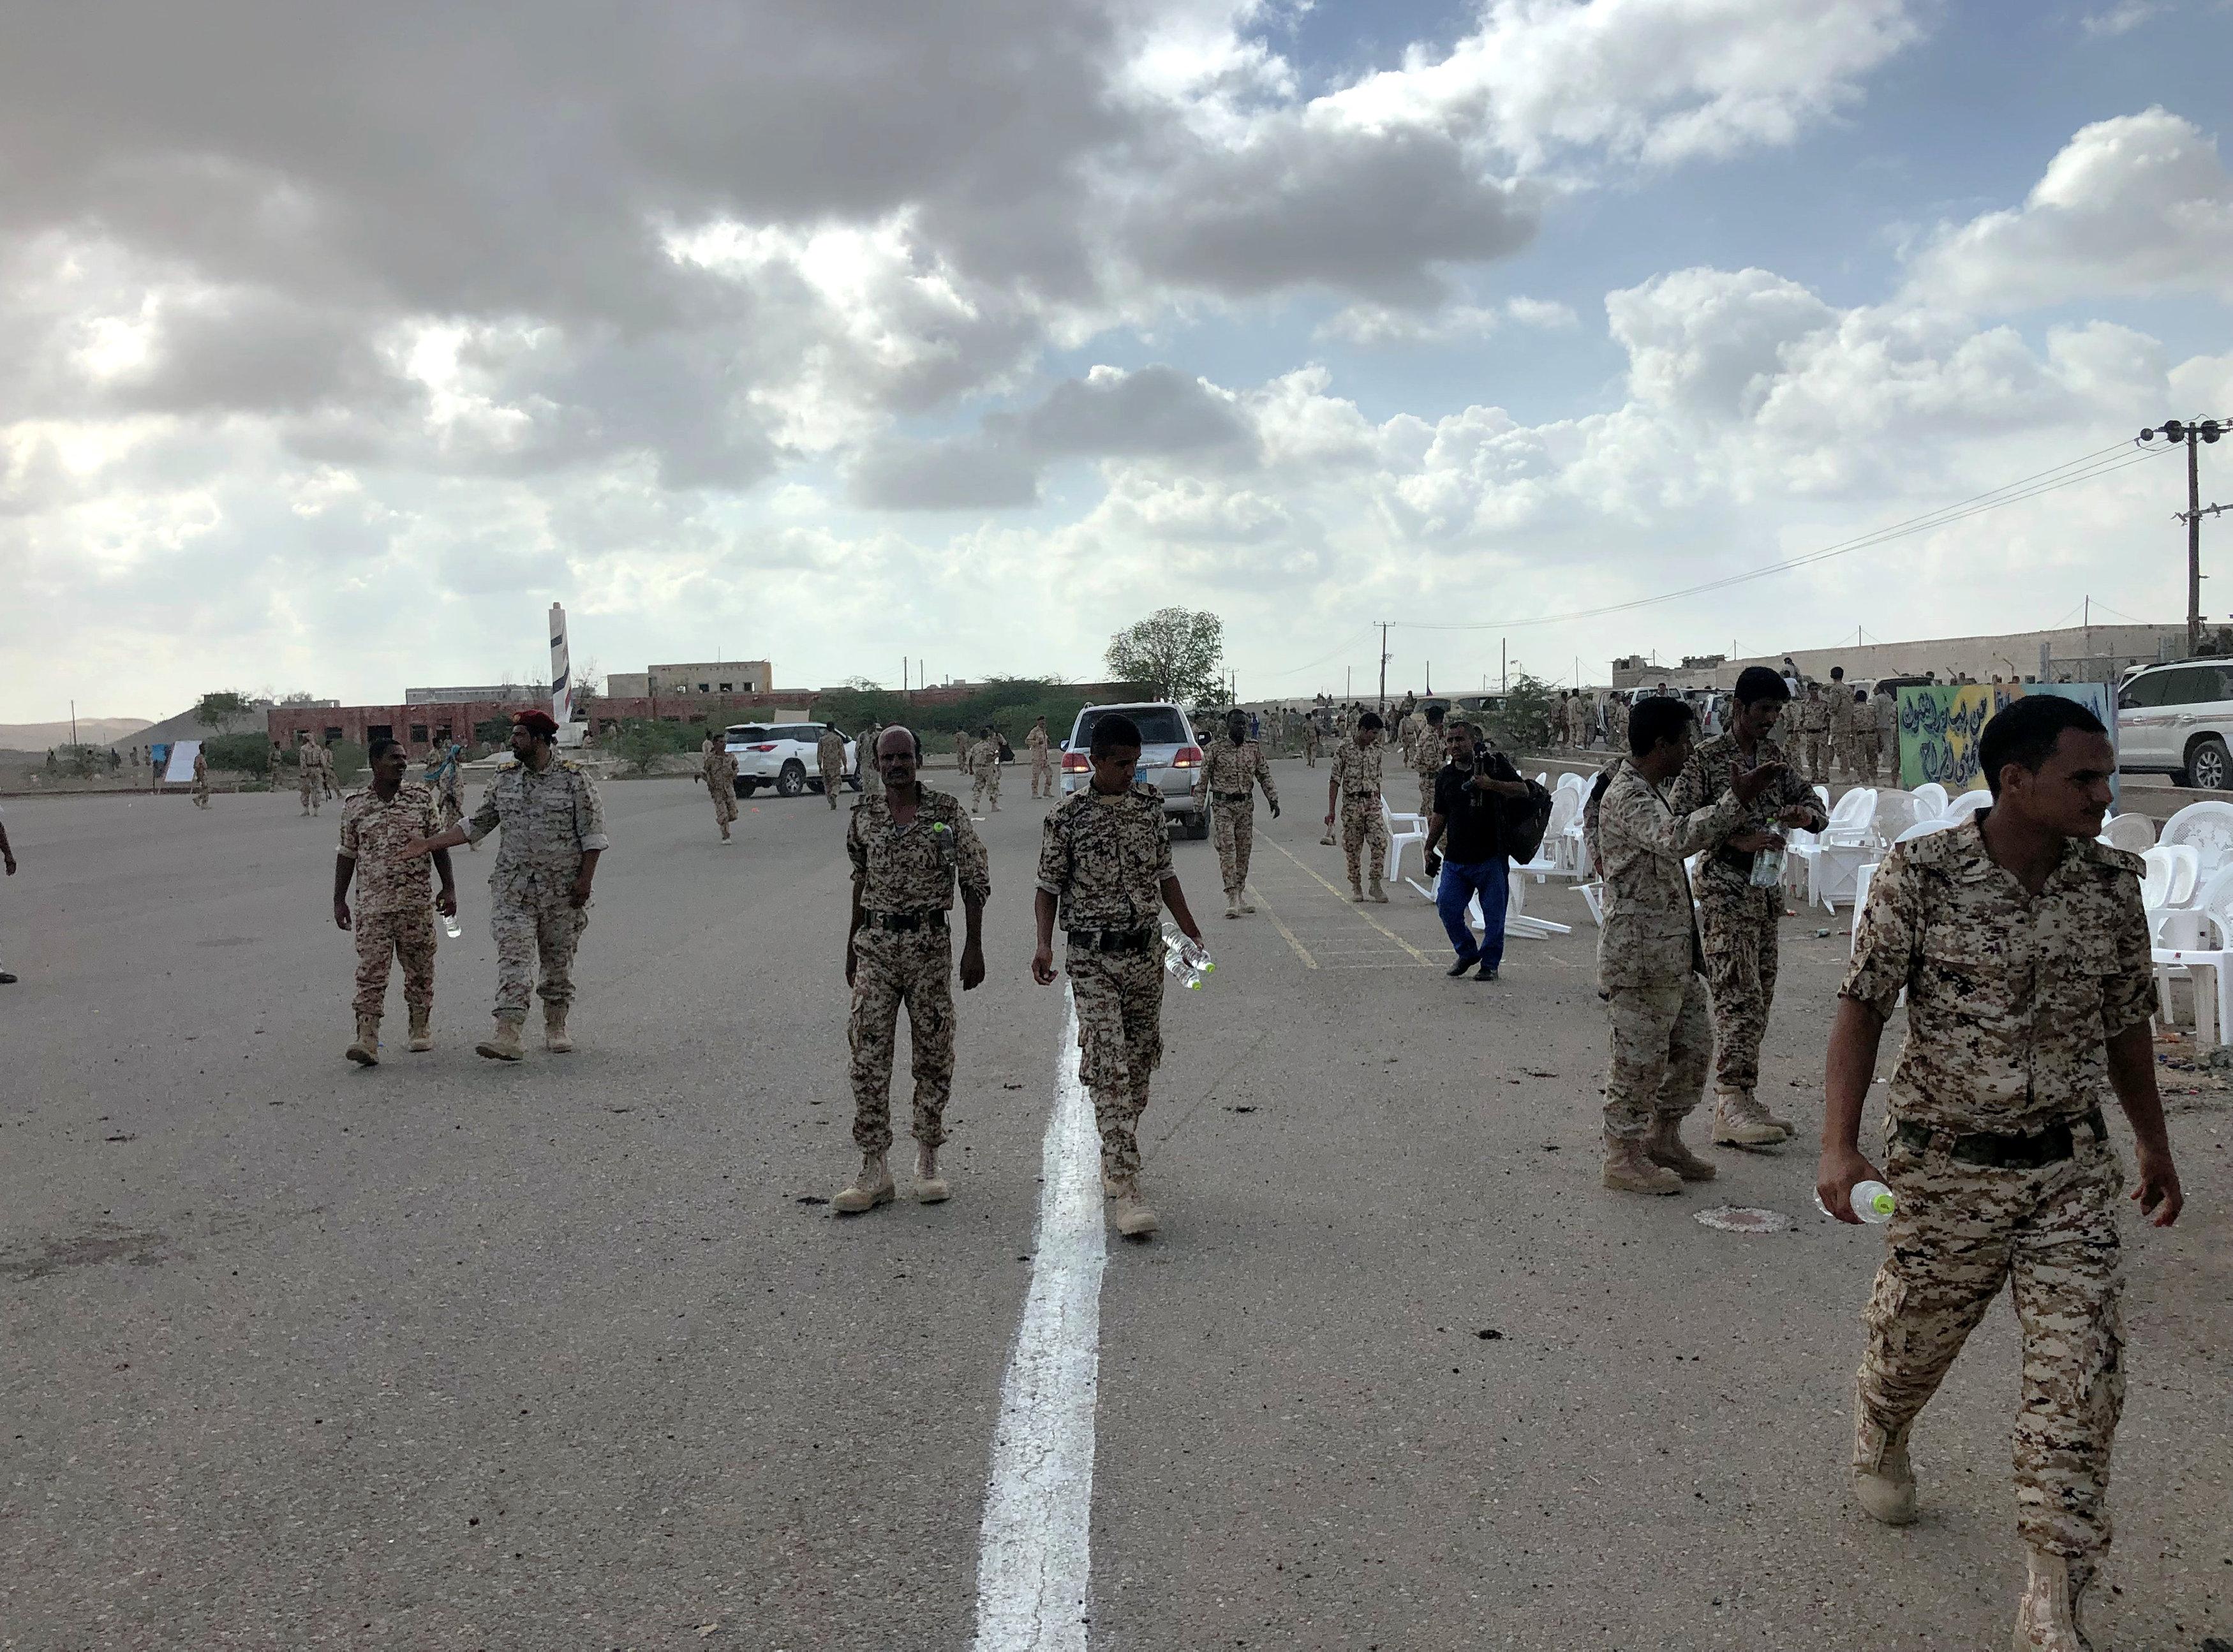 مصادر يمنية: الهجوم على المناطق المحررة يحمل بصمات قطر